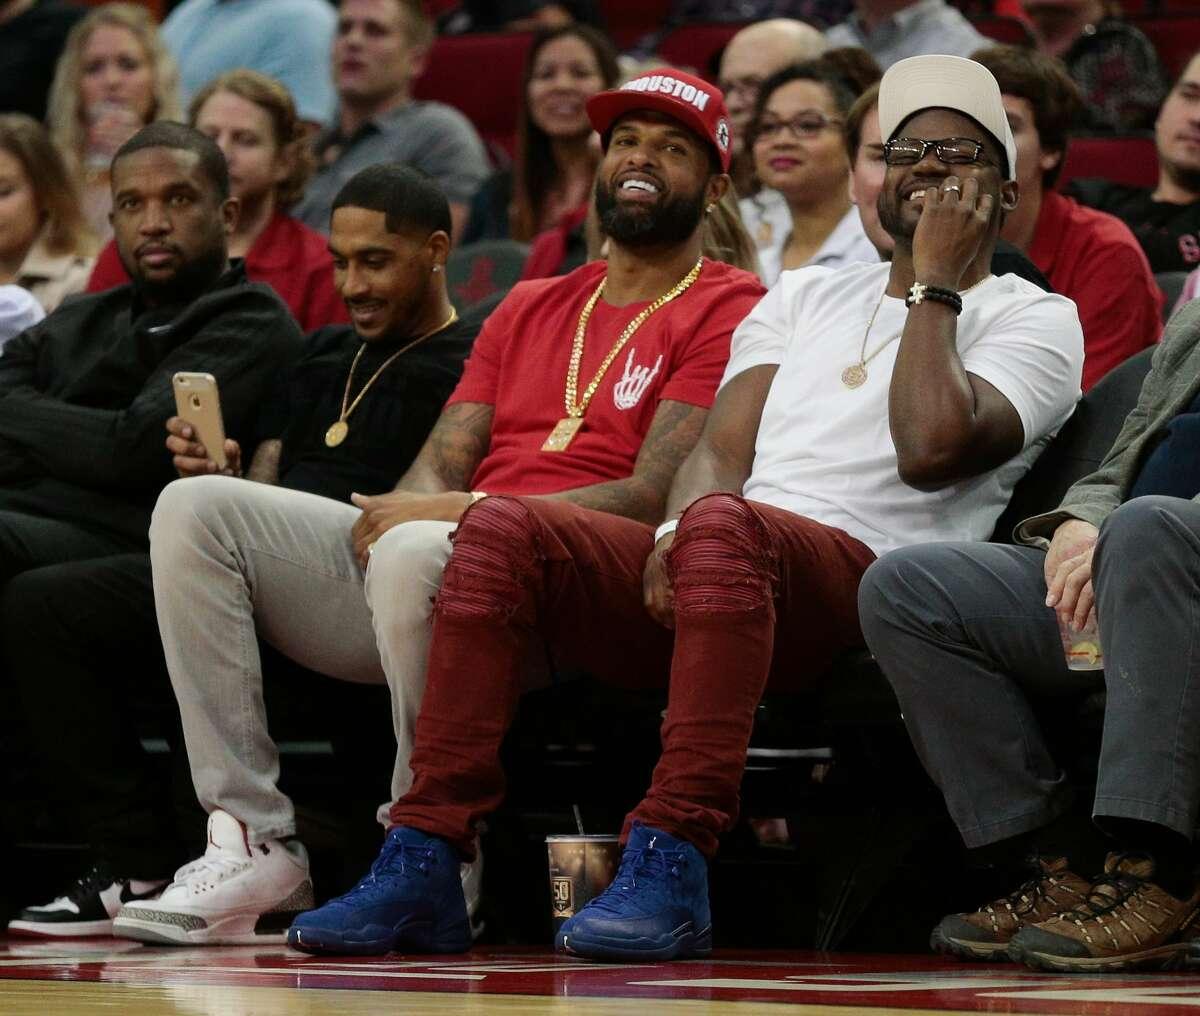 Slim Thug Houston rapper